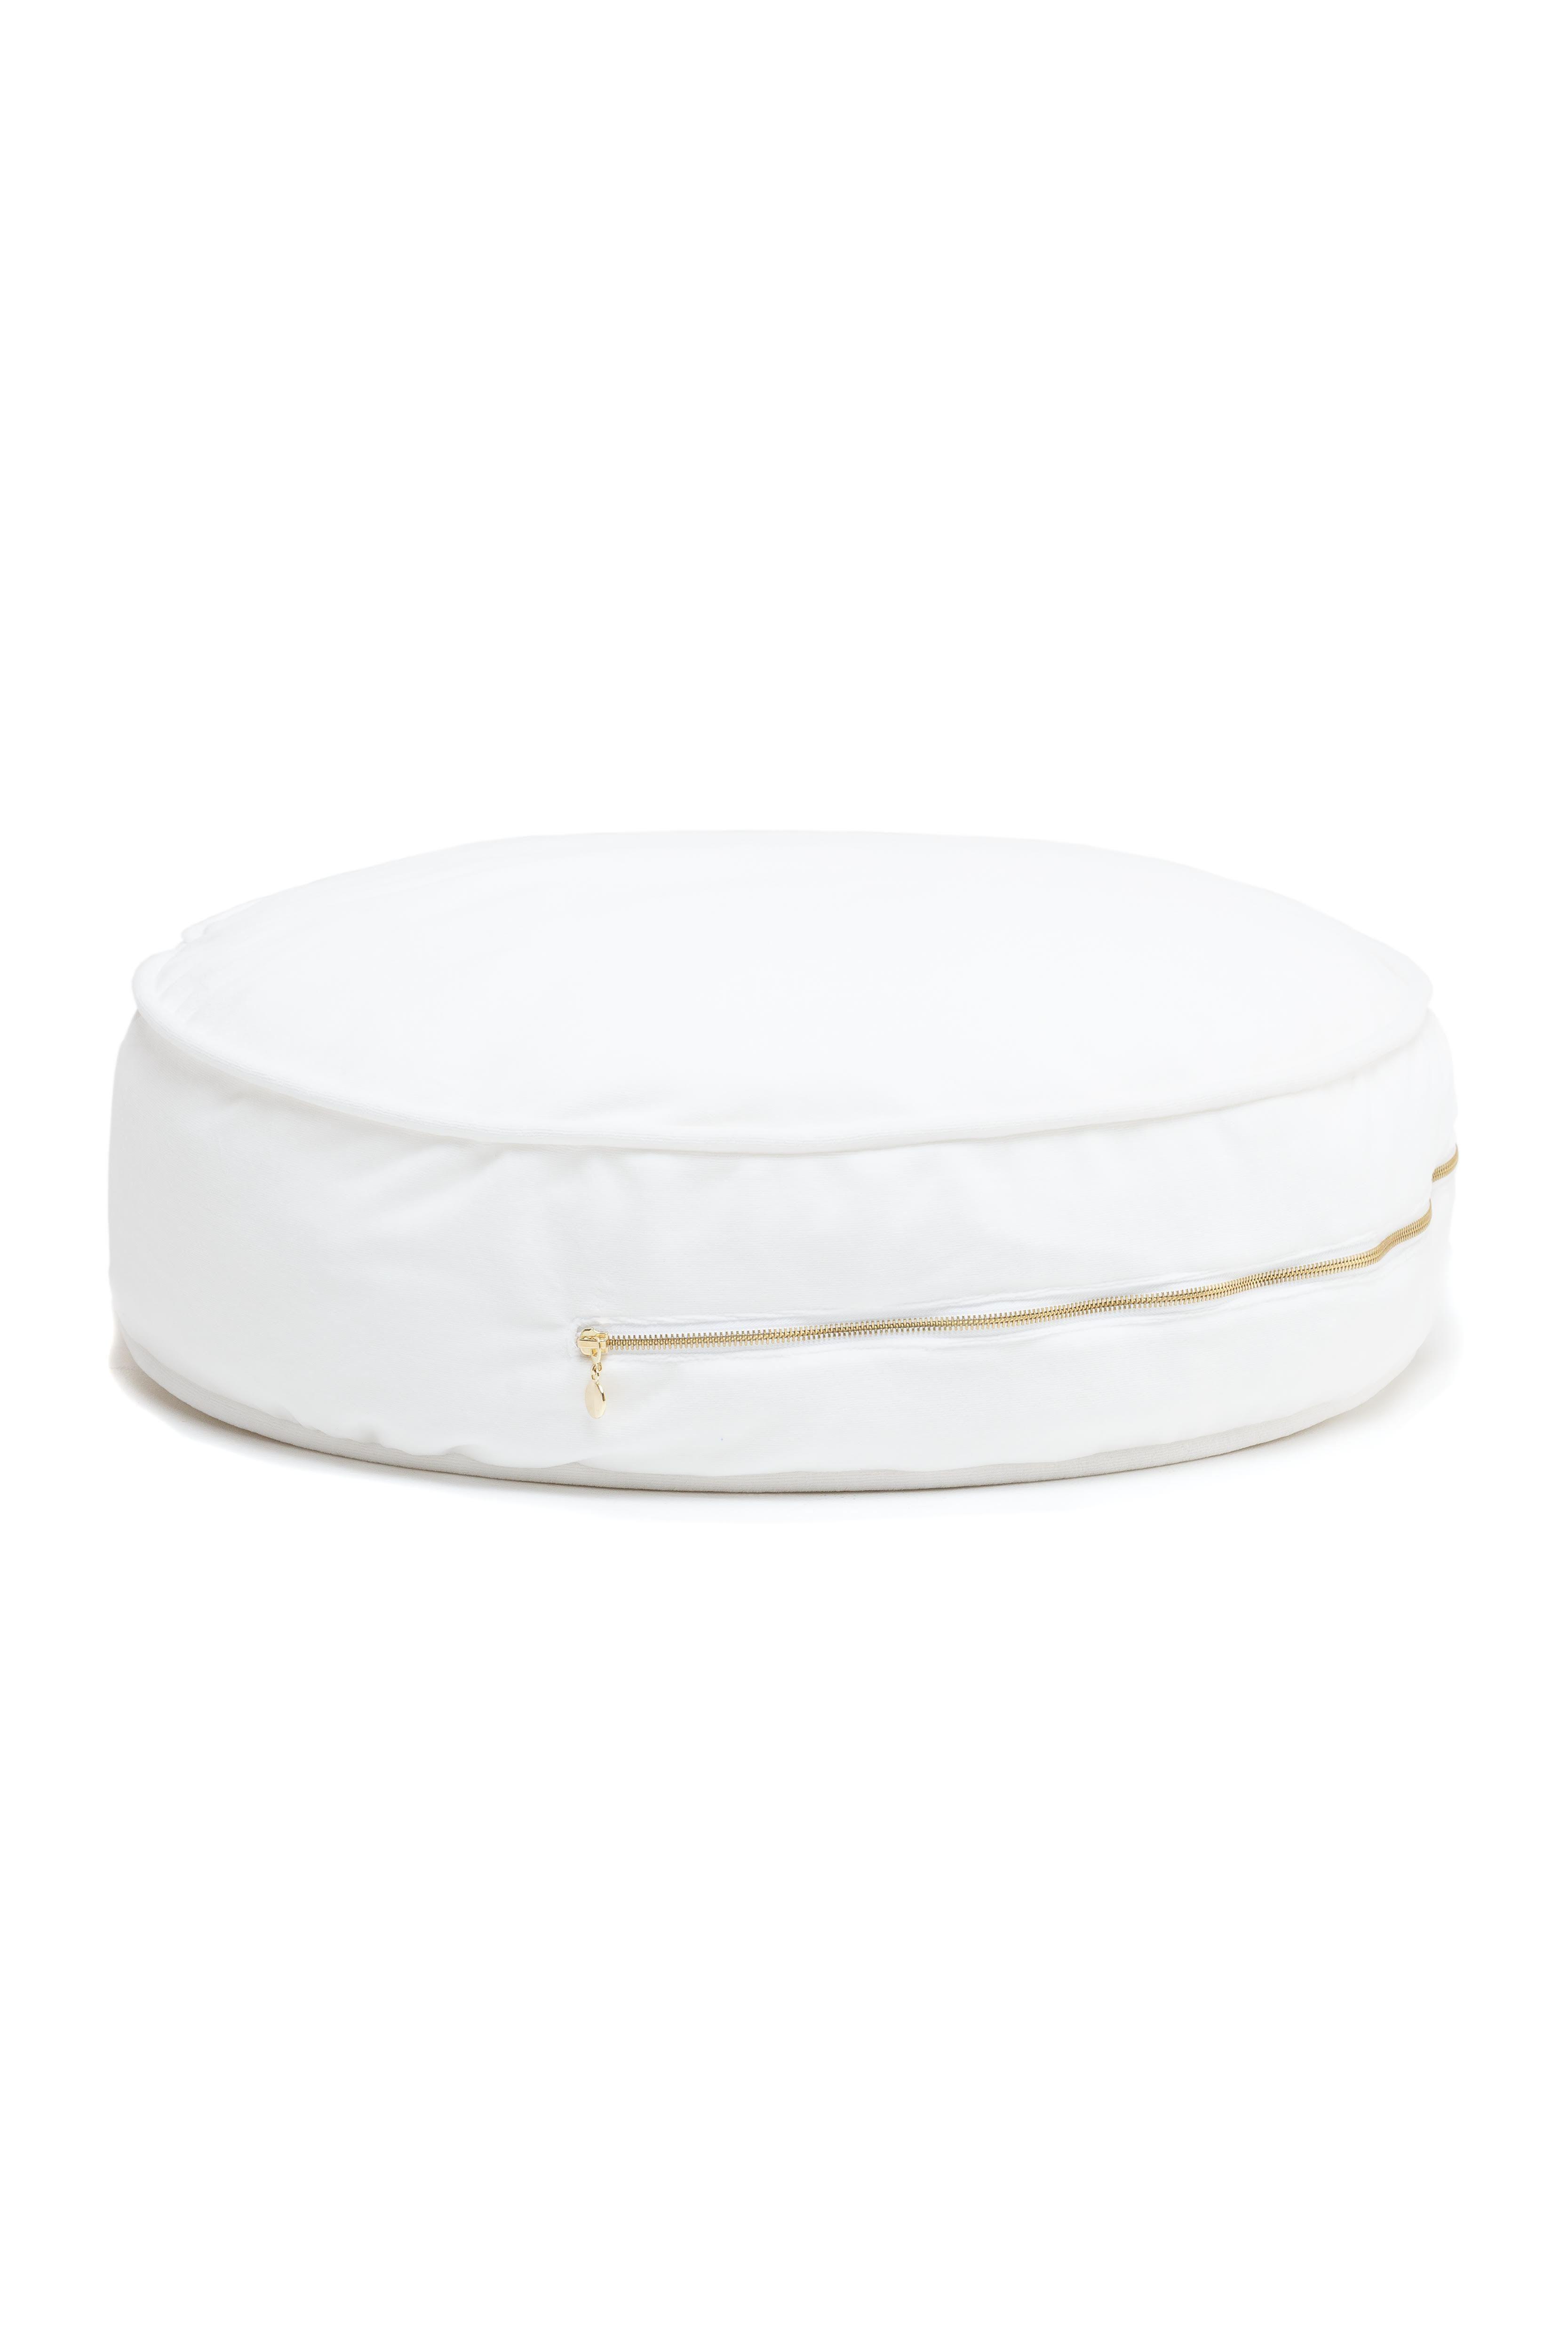 rundes Samt Sitzkissen Ottomane weiß